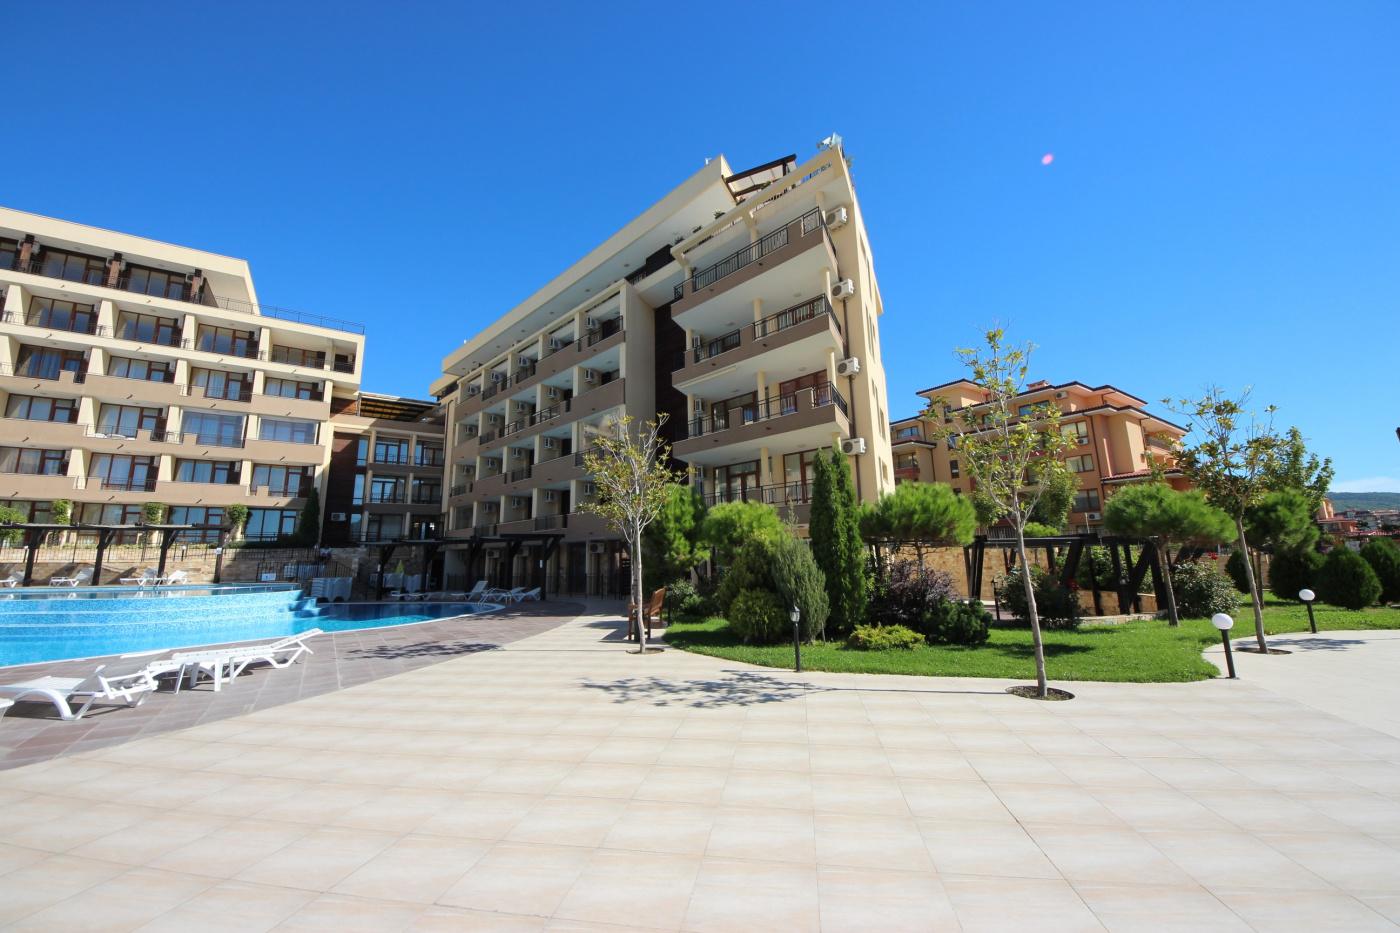 Luxor Апарт-отель